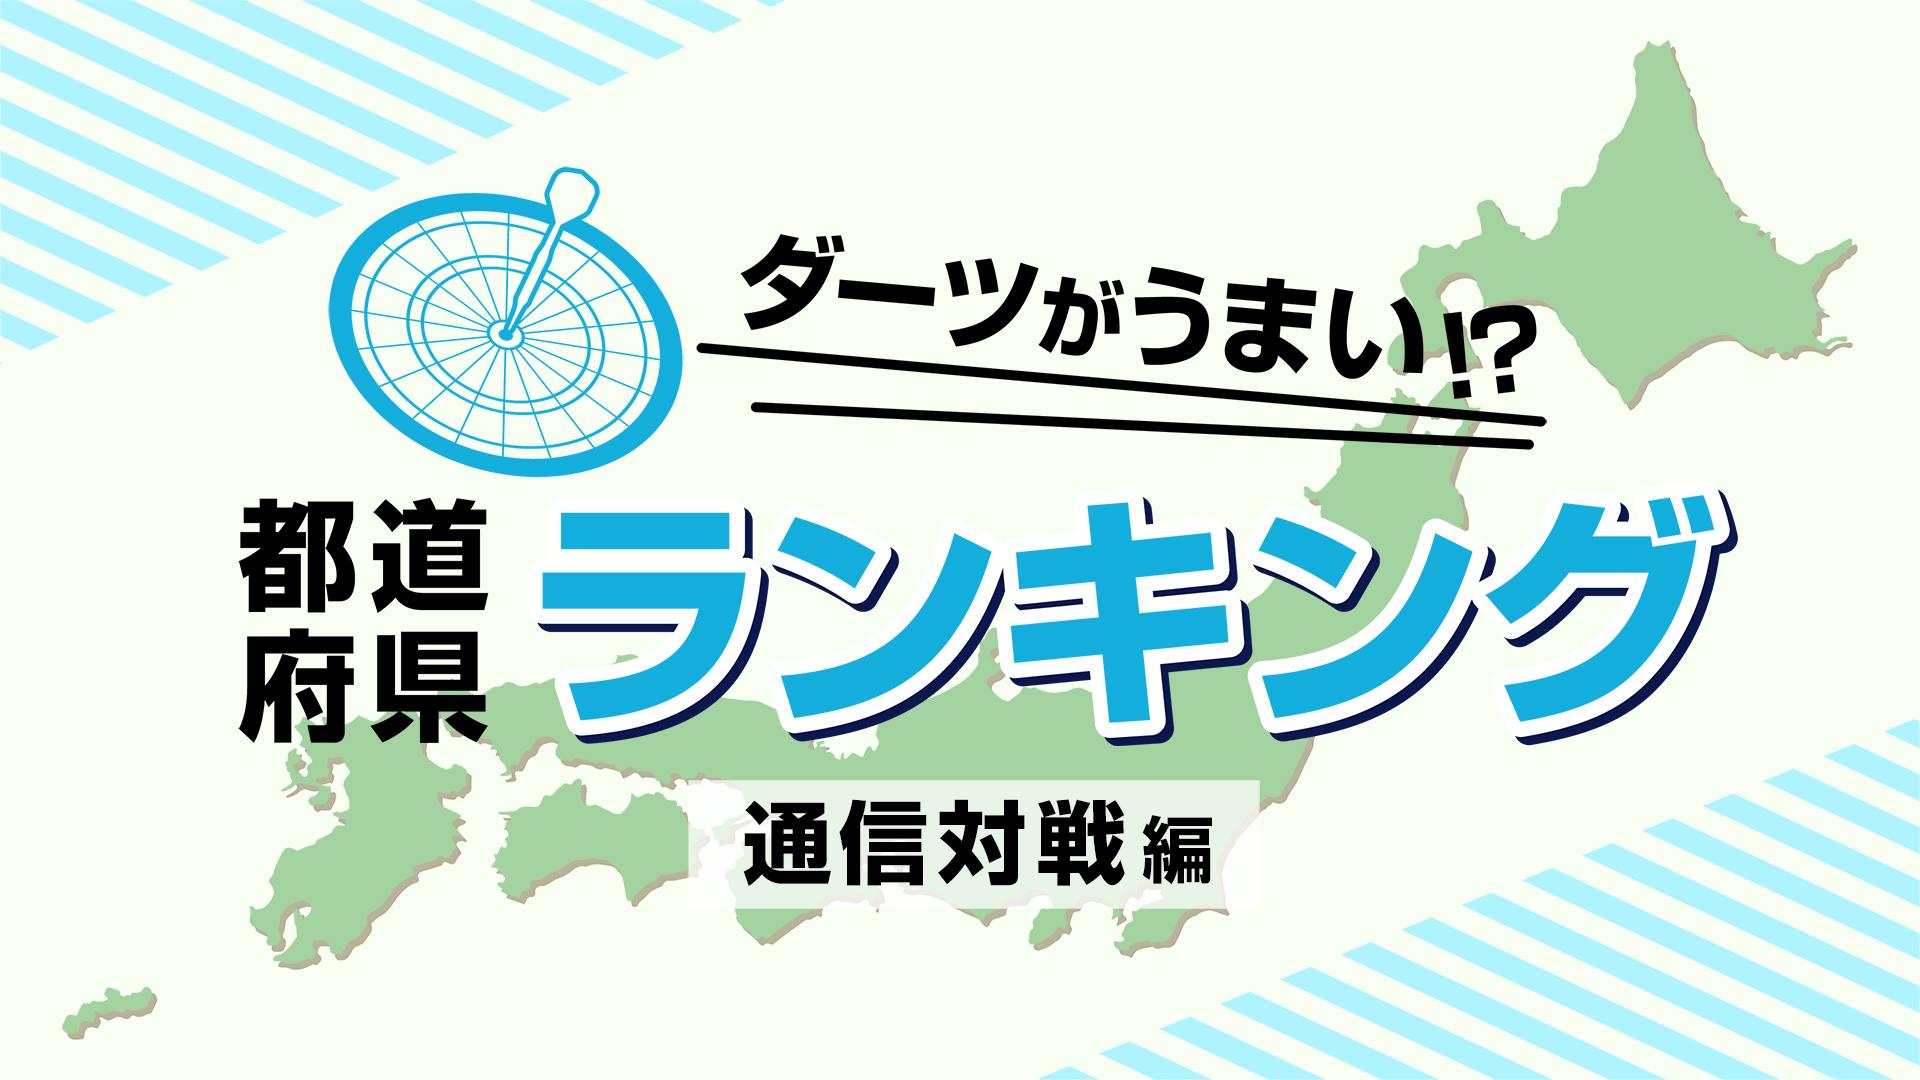 ダーツがうまい都道府県ランキングは? 通信対戦の勝率を発表!